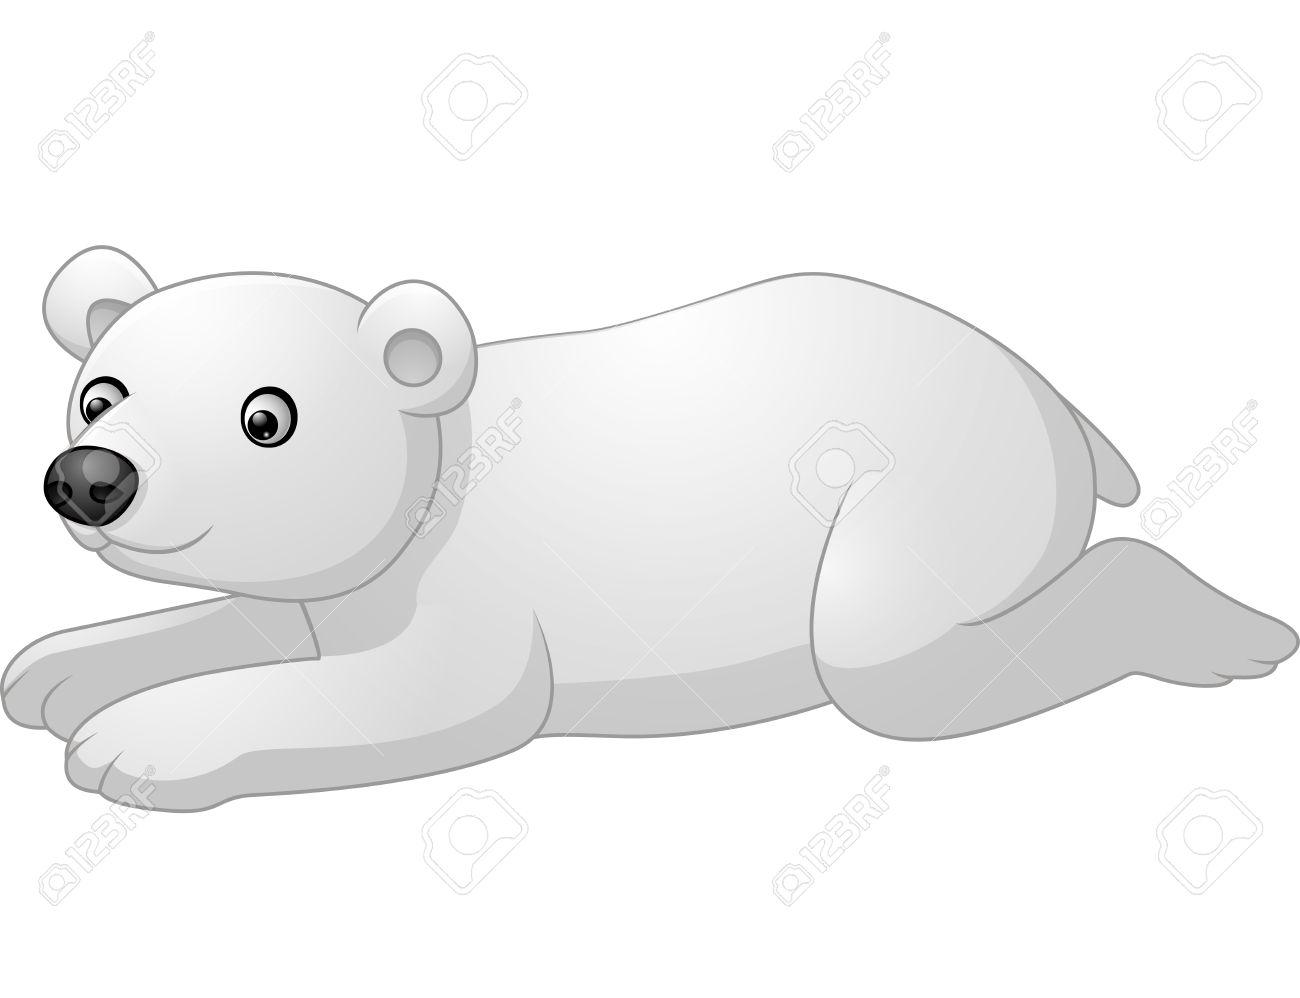 Vettoriale carino polare orso cartone animato sdraiò image